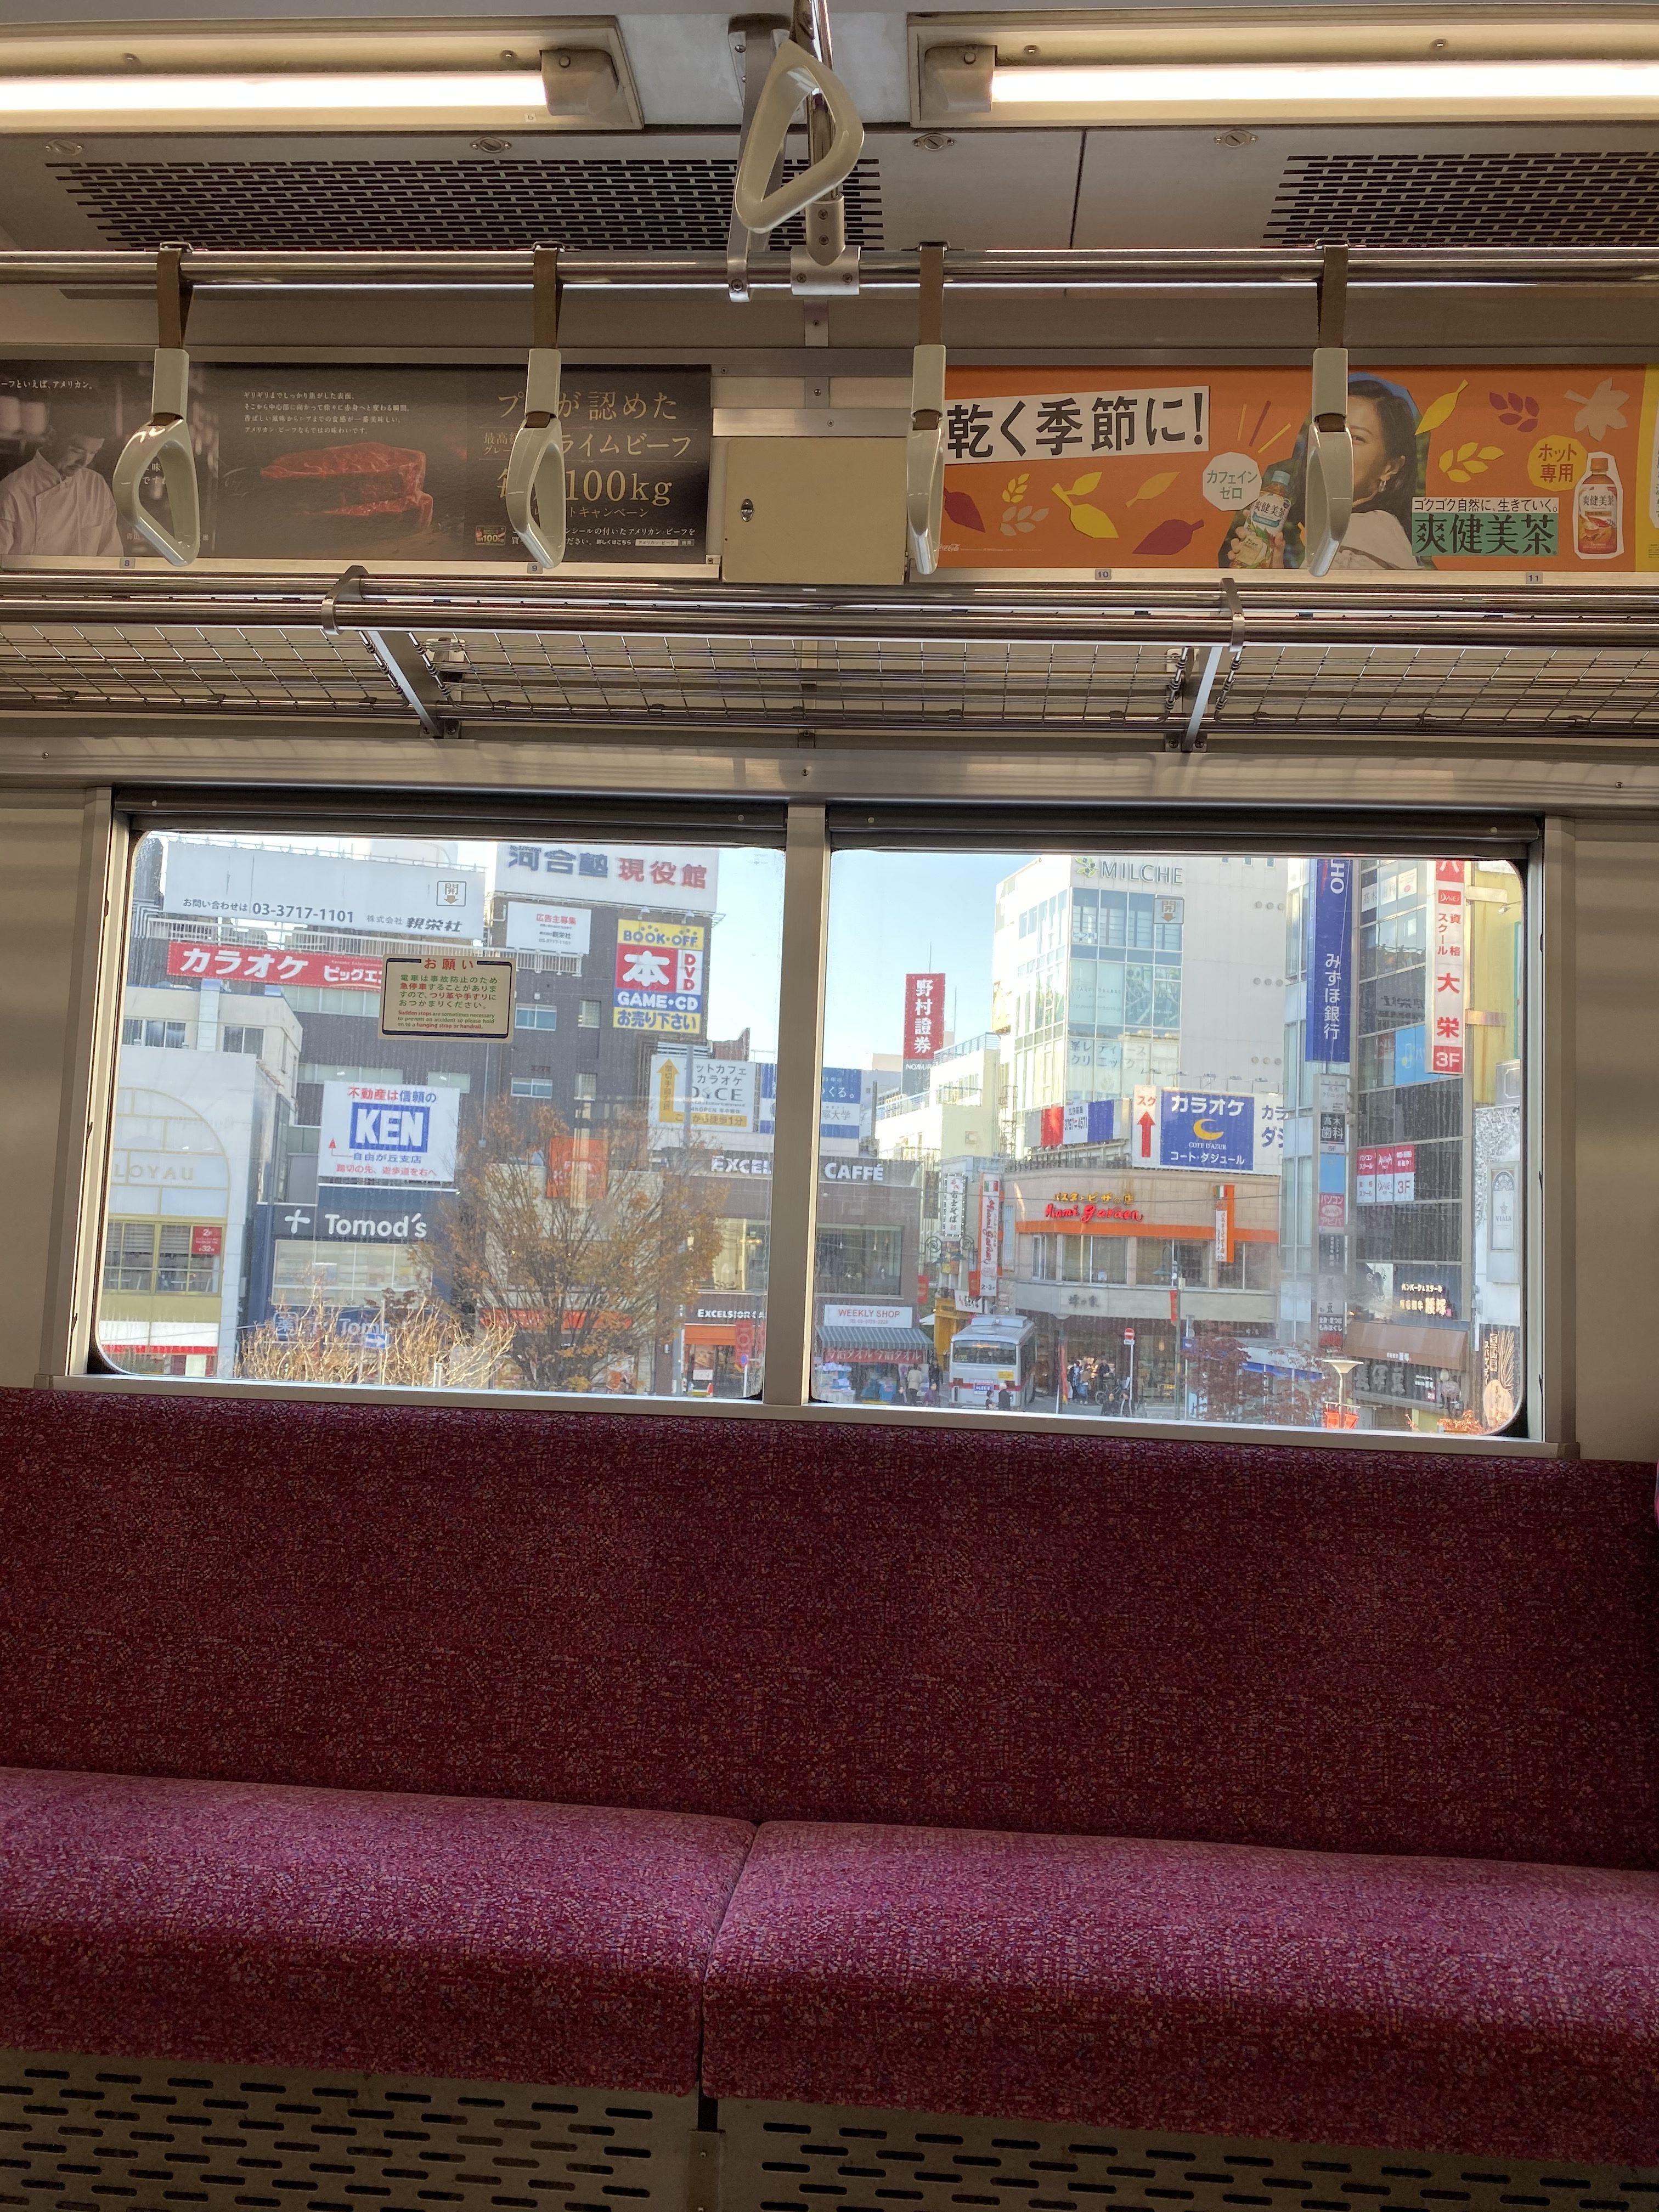 iyugaoka in Tokyo